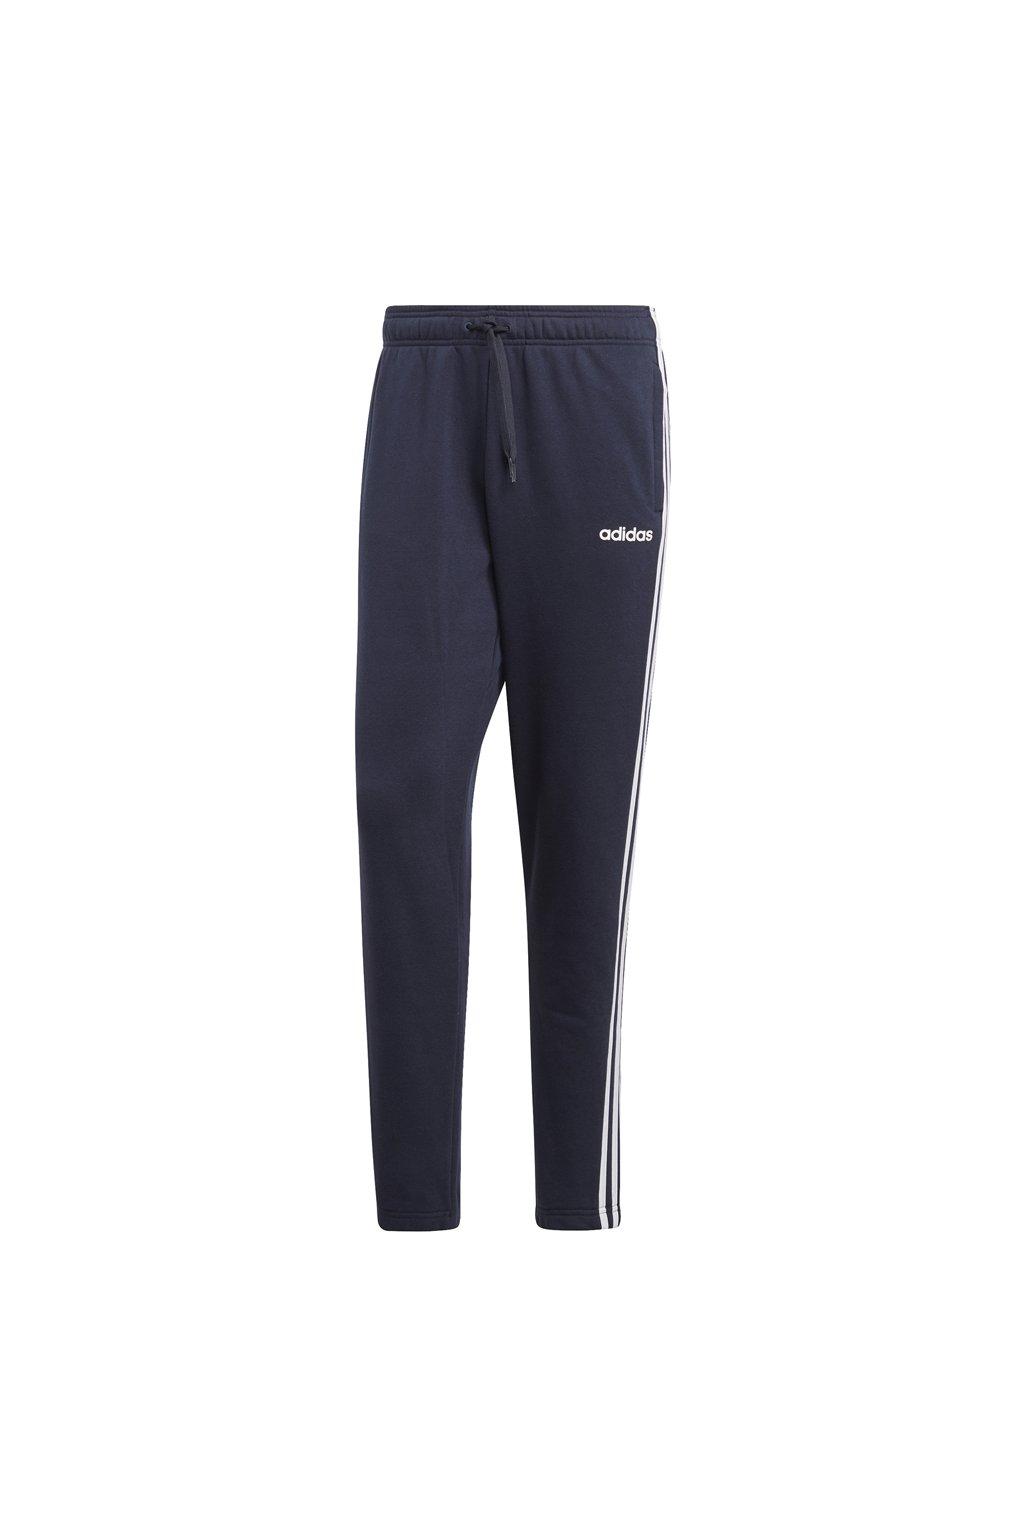 Pánske tepláky Adidas Essentials 3S T Pant FT tmavo modré DU0460